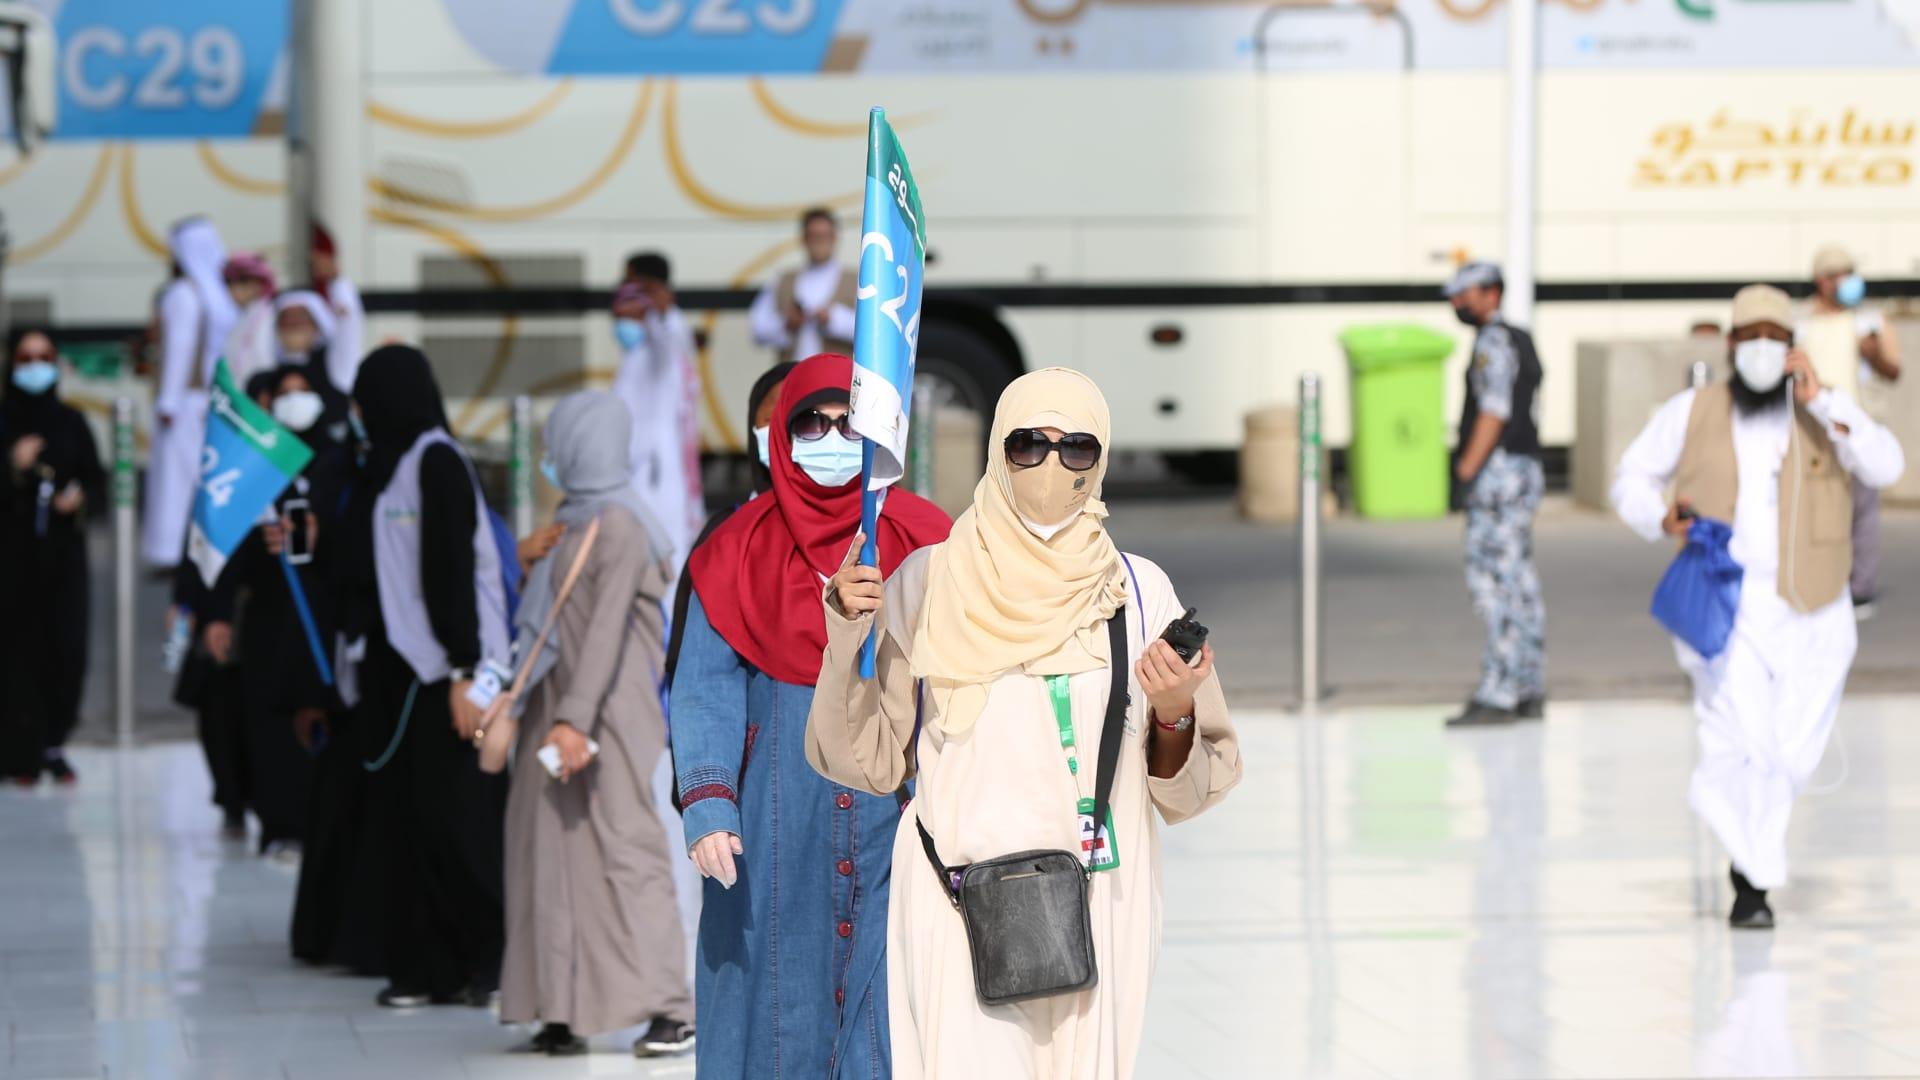 السعودية تدعم منشآت قطاع الحج والعمرة بـ6 مبادرات تحفيزية جديدة